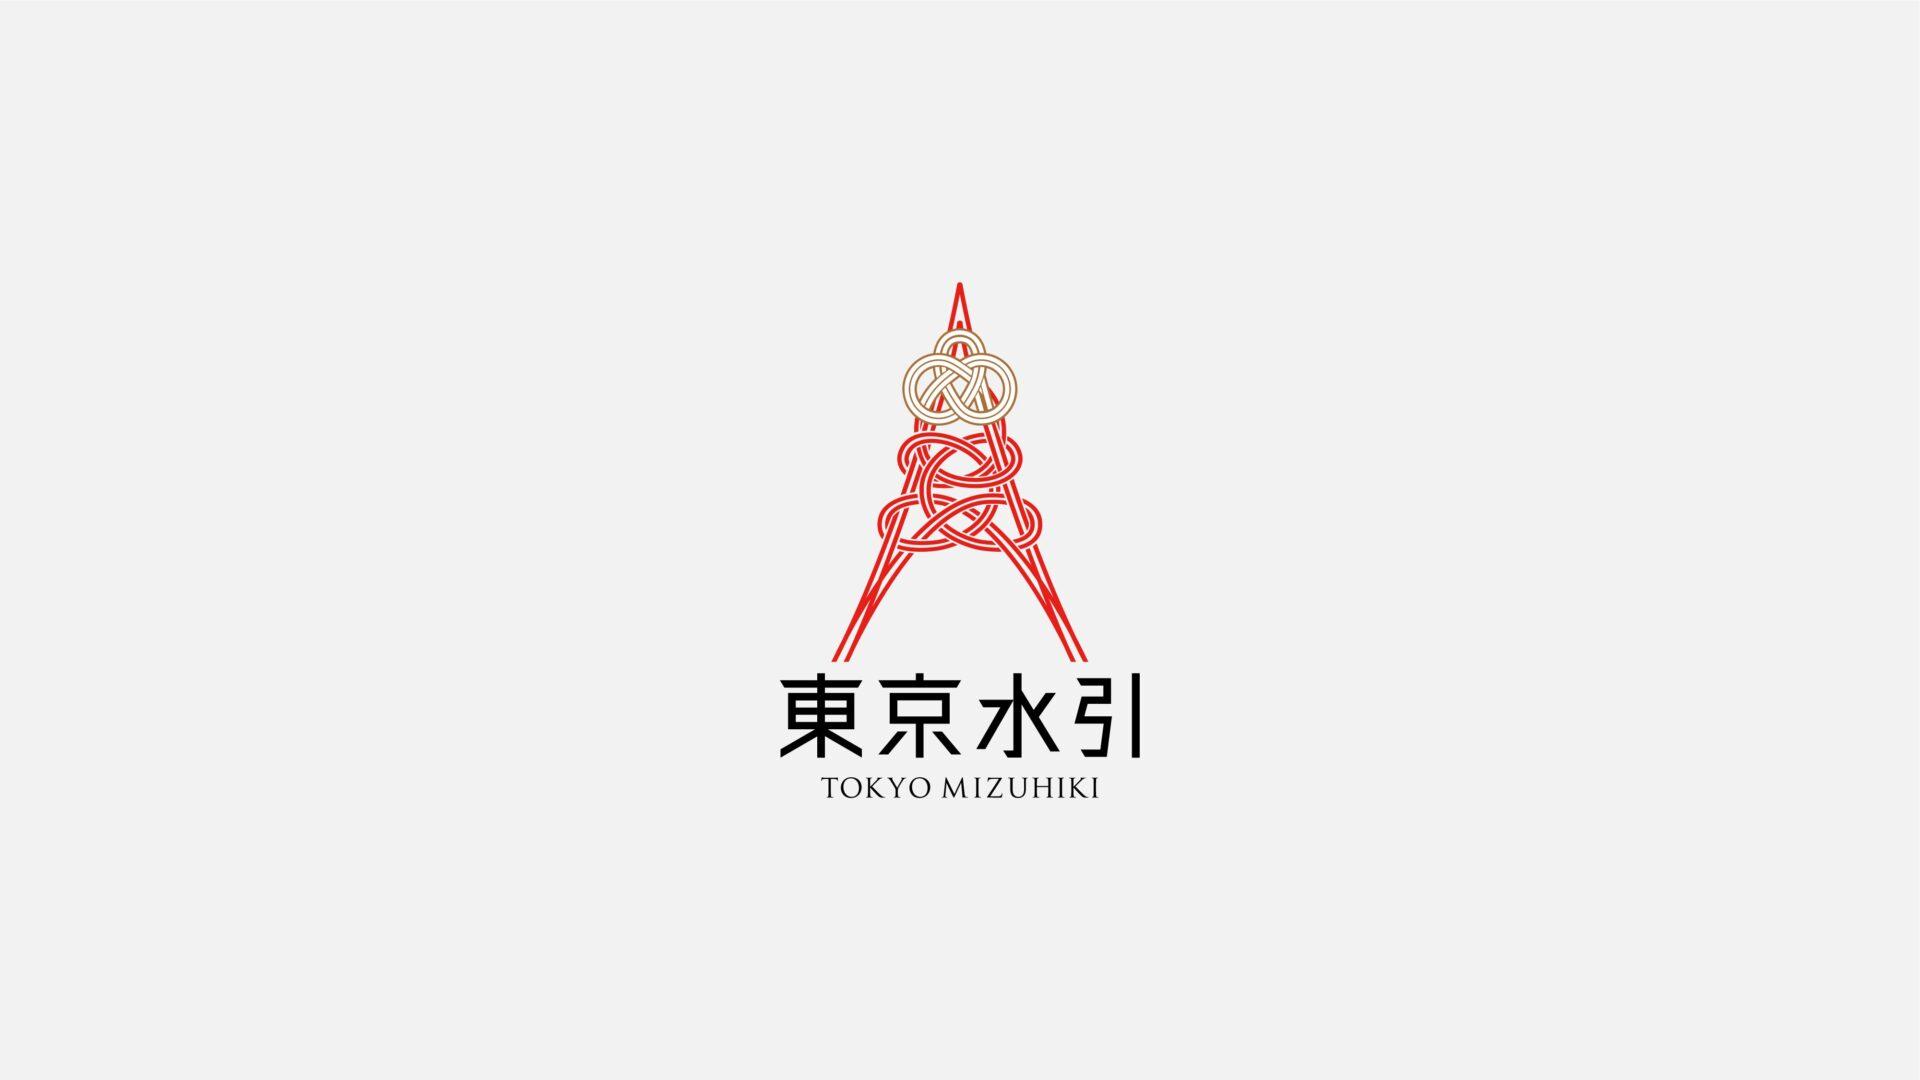 「TOKYOMIZUHIKI」のサムネイル画像